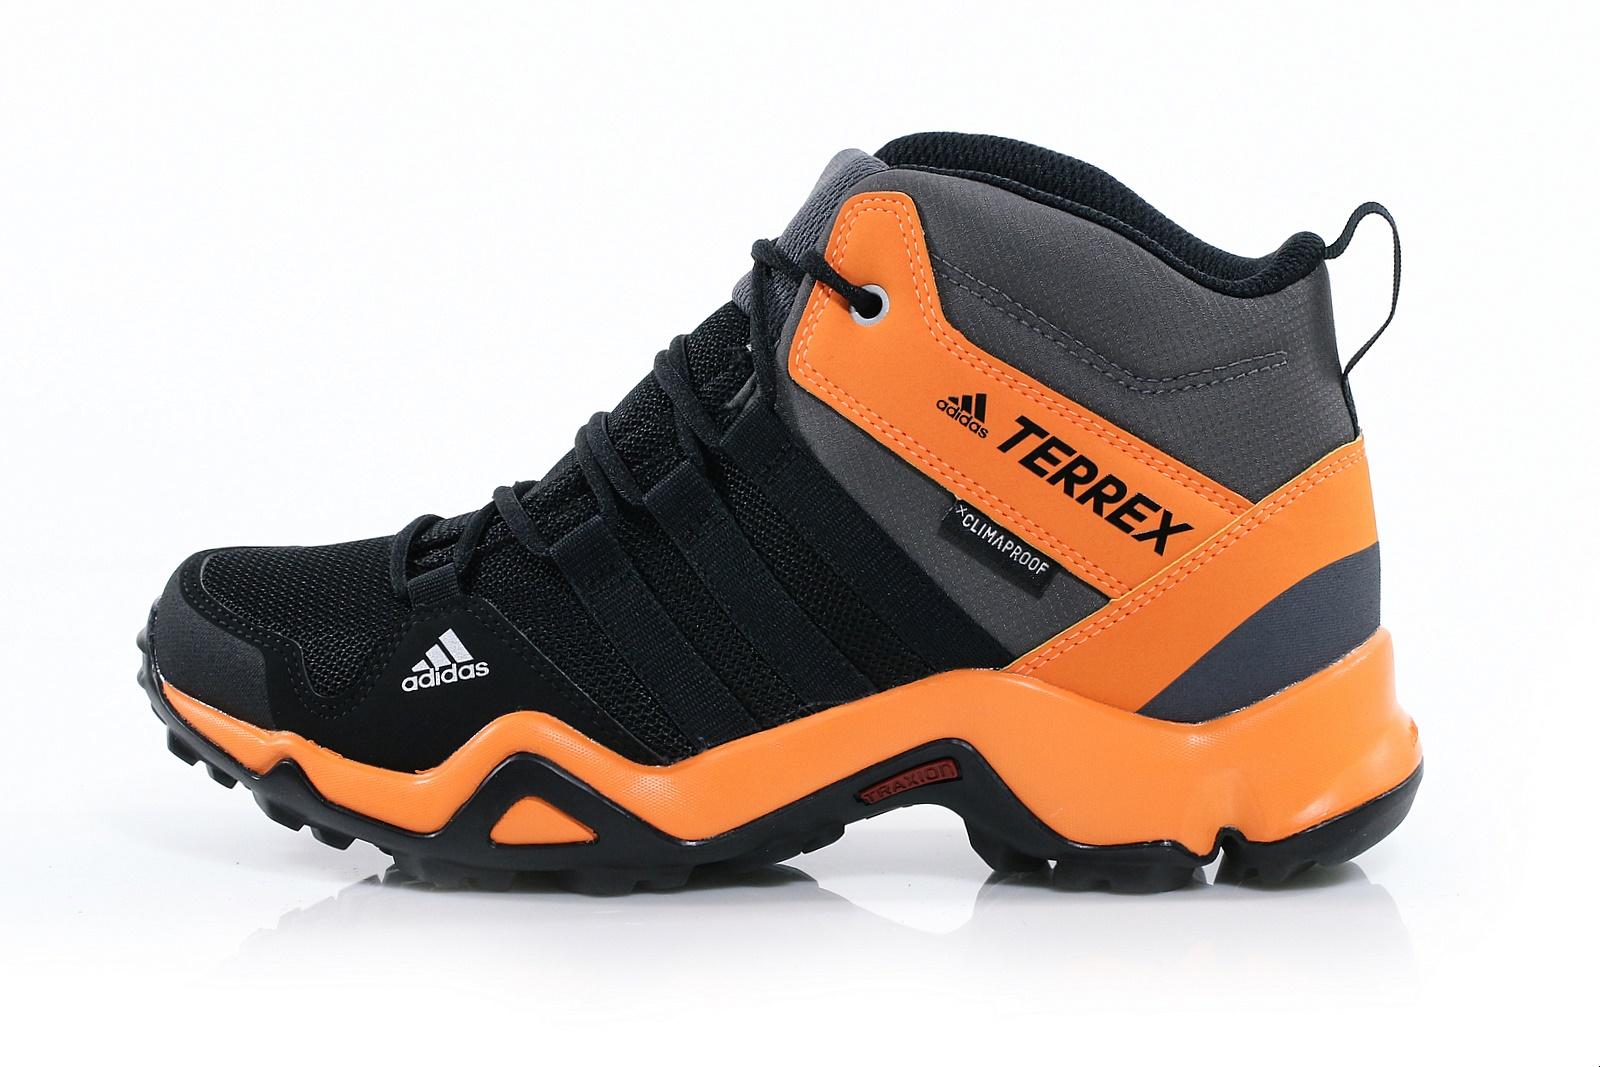 Buty damskie adidas TERREX AX2R MID CP AC7977 7560187816